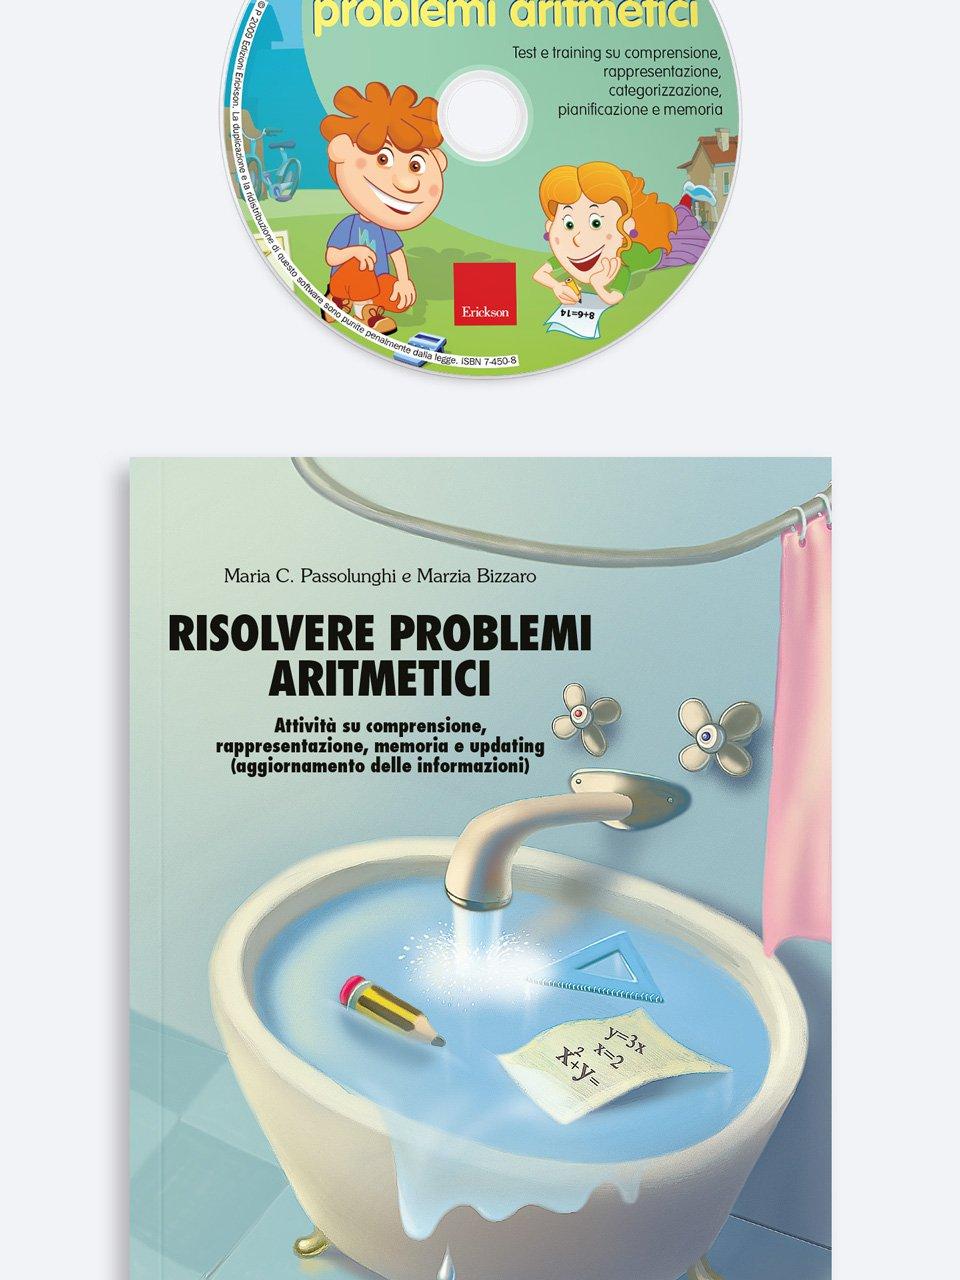 Risolvere problemi aritmetici - Superare i test di ammissione - Libri - Erickson 3